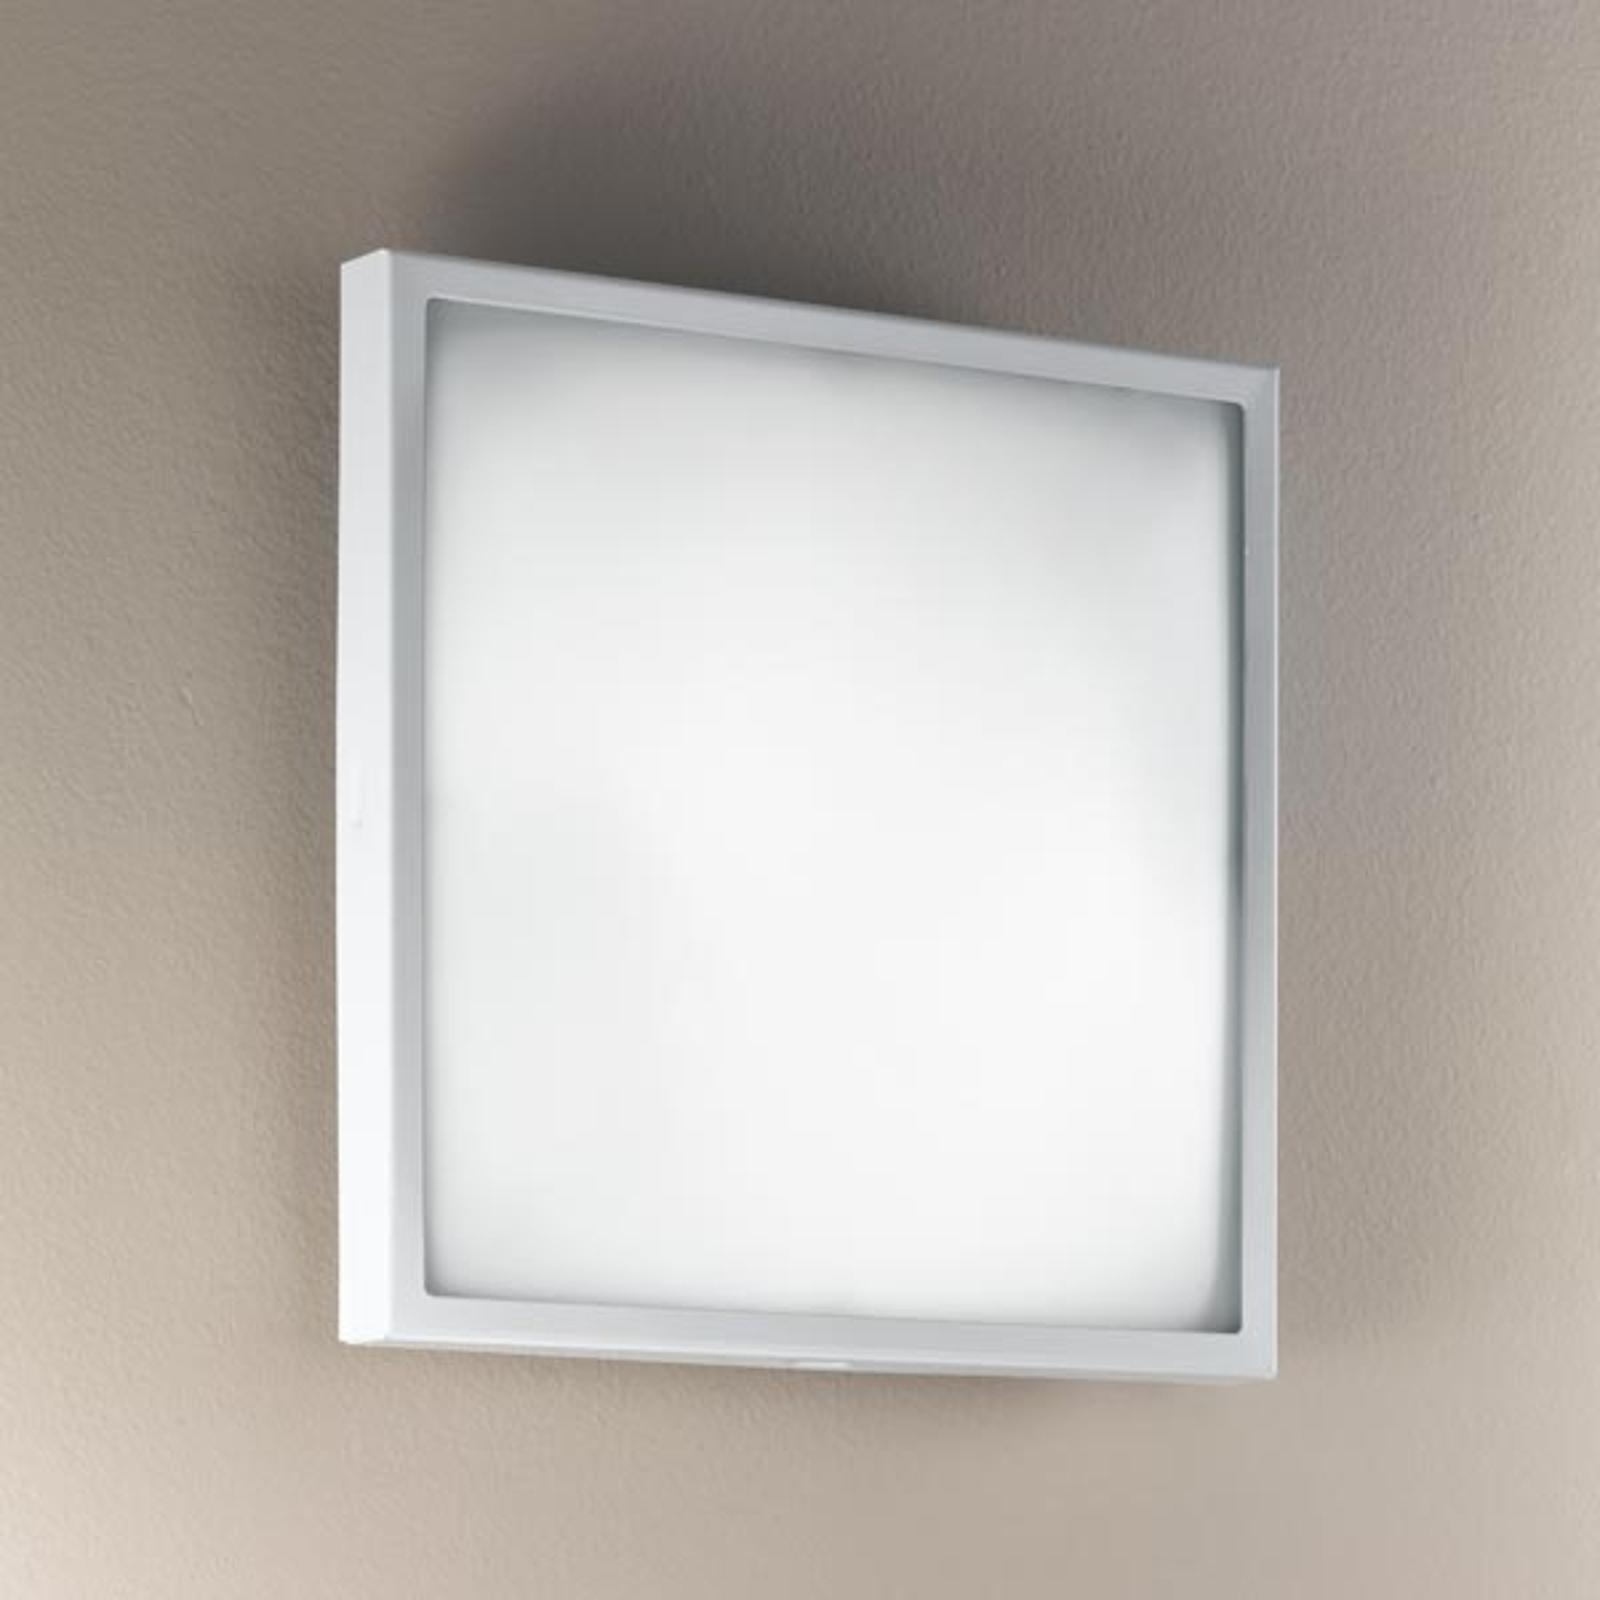 Glas-Wand- und Deckenleuchte OSAKA 30 weiß